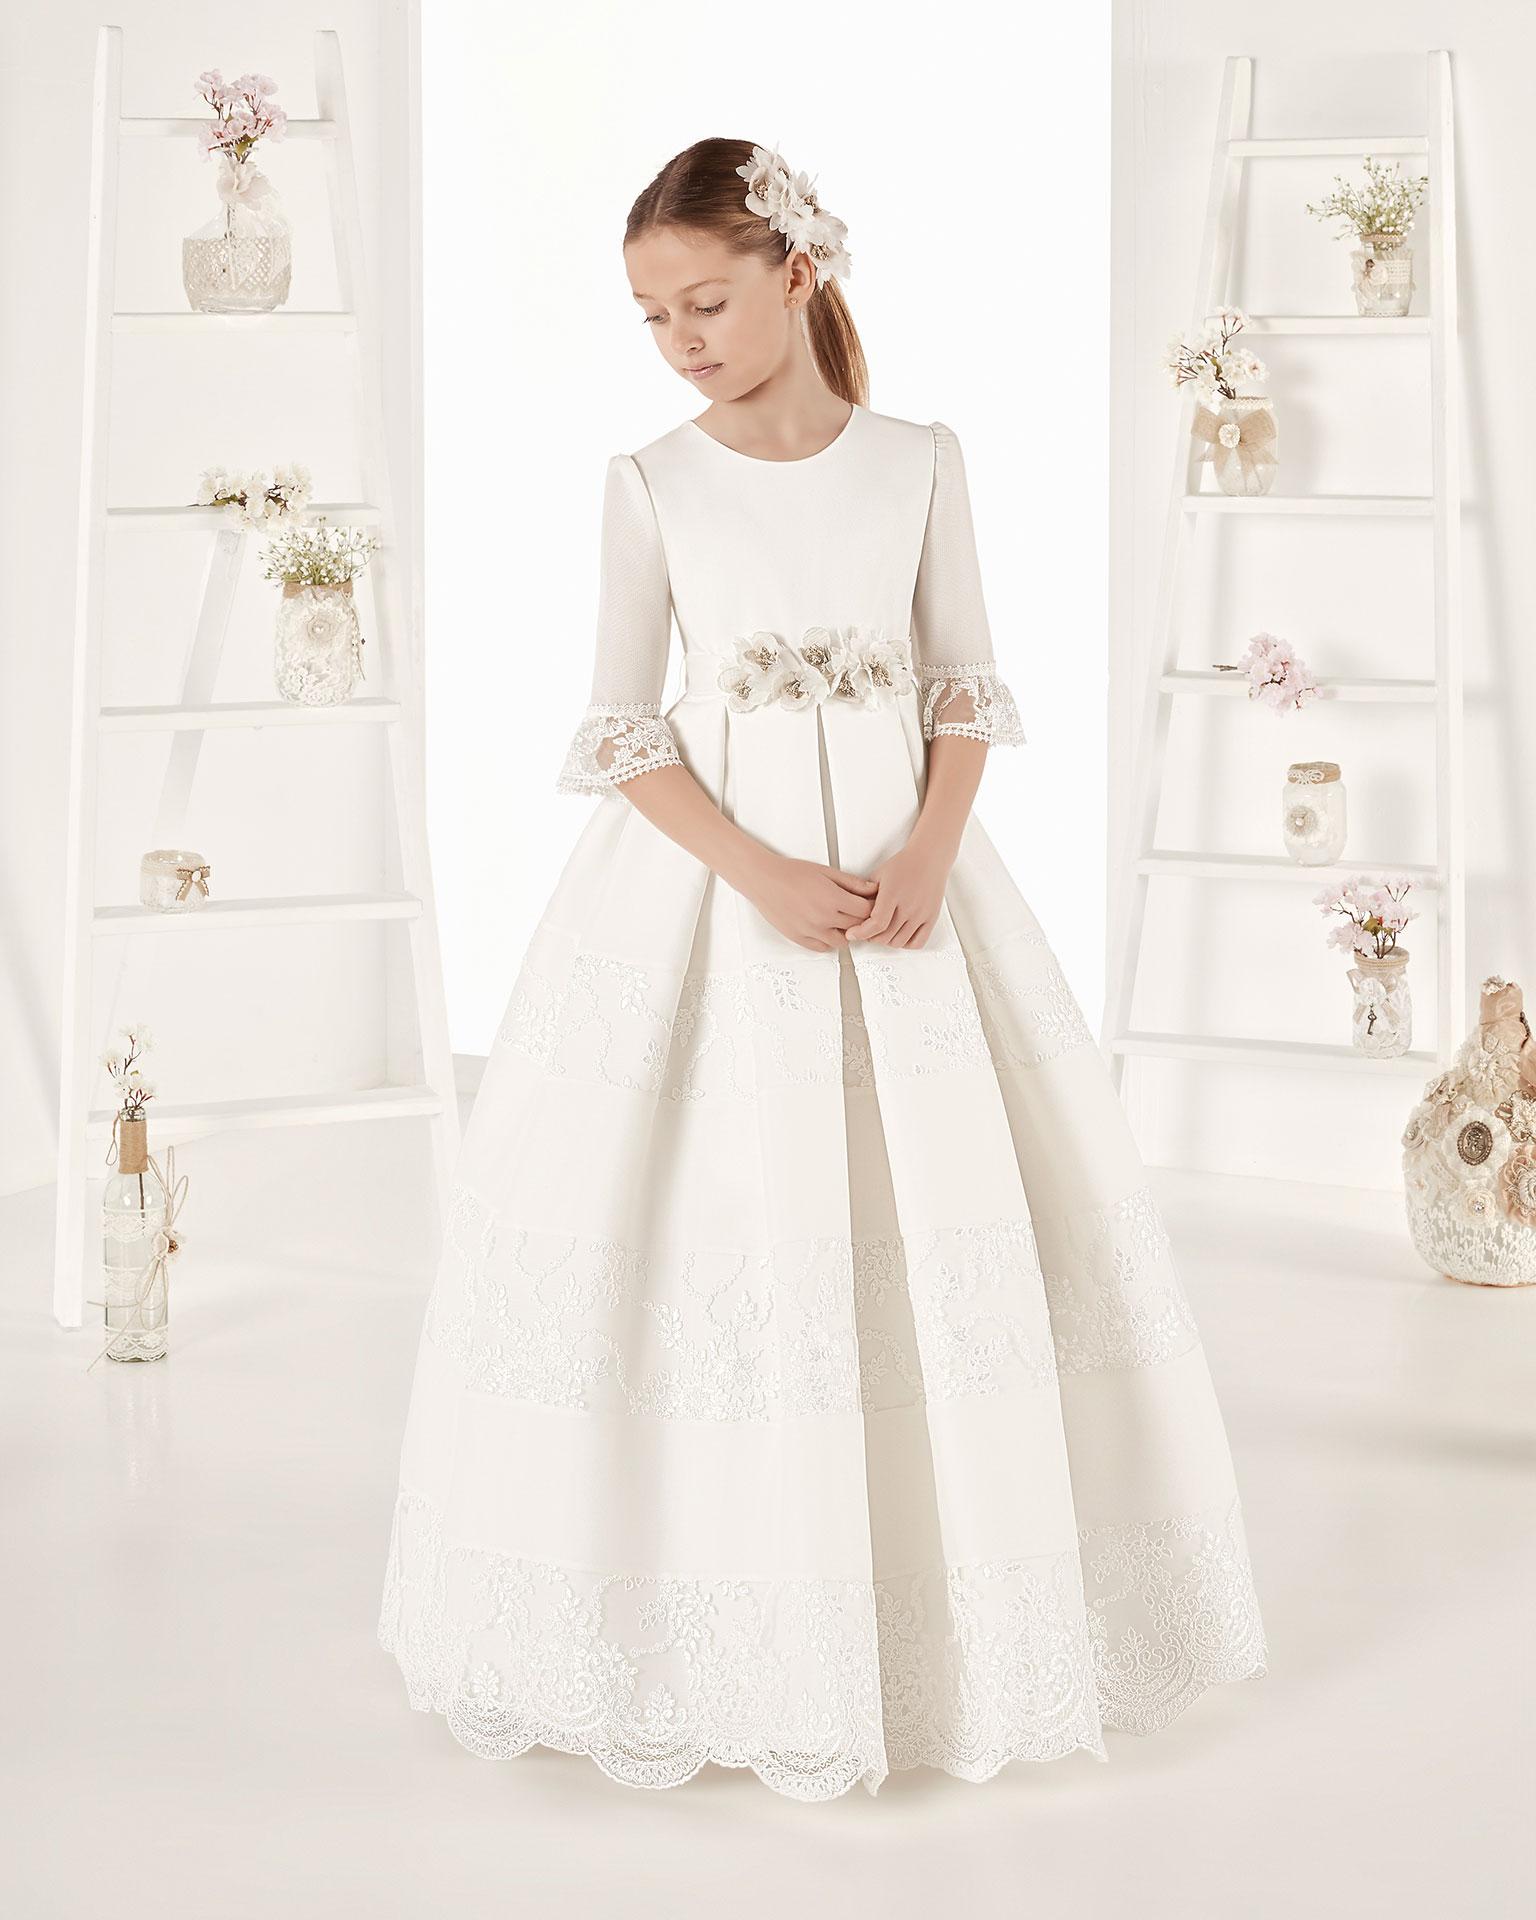 Rochie de comuniune în stil clasic mată. Cu talie scurtă. Disponibilă în culoarea ivoriu. Colecția AIRE COMUNION 2019.